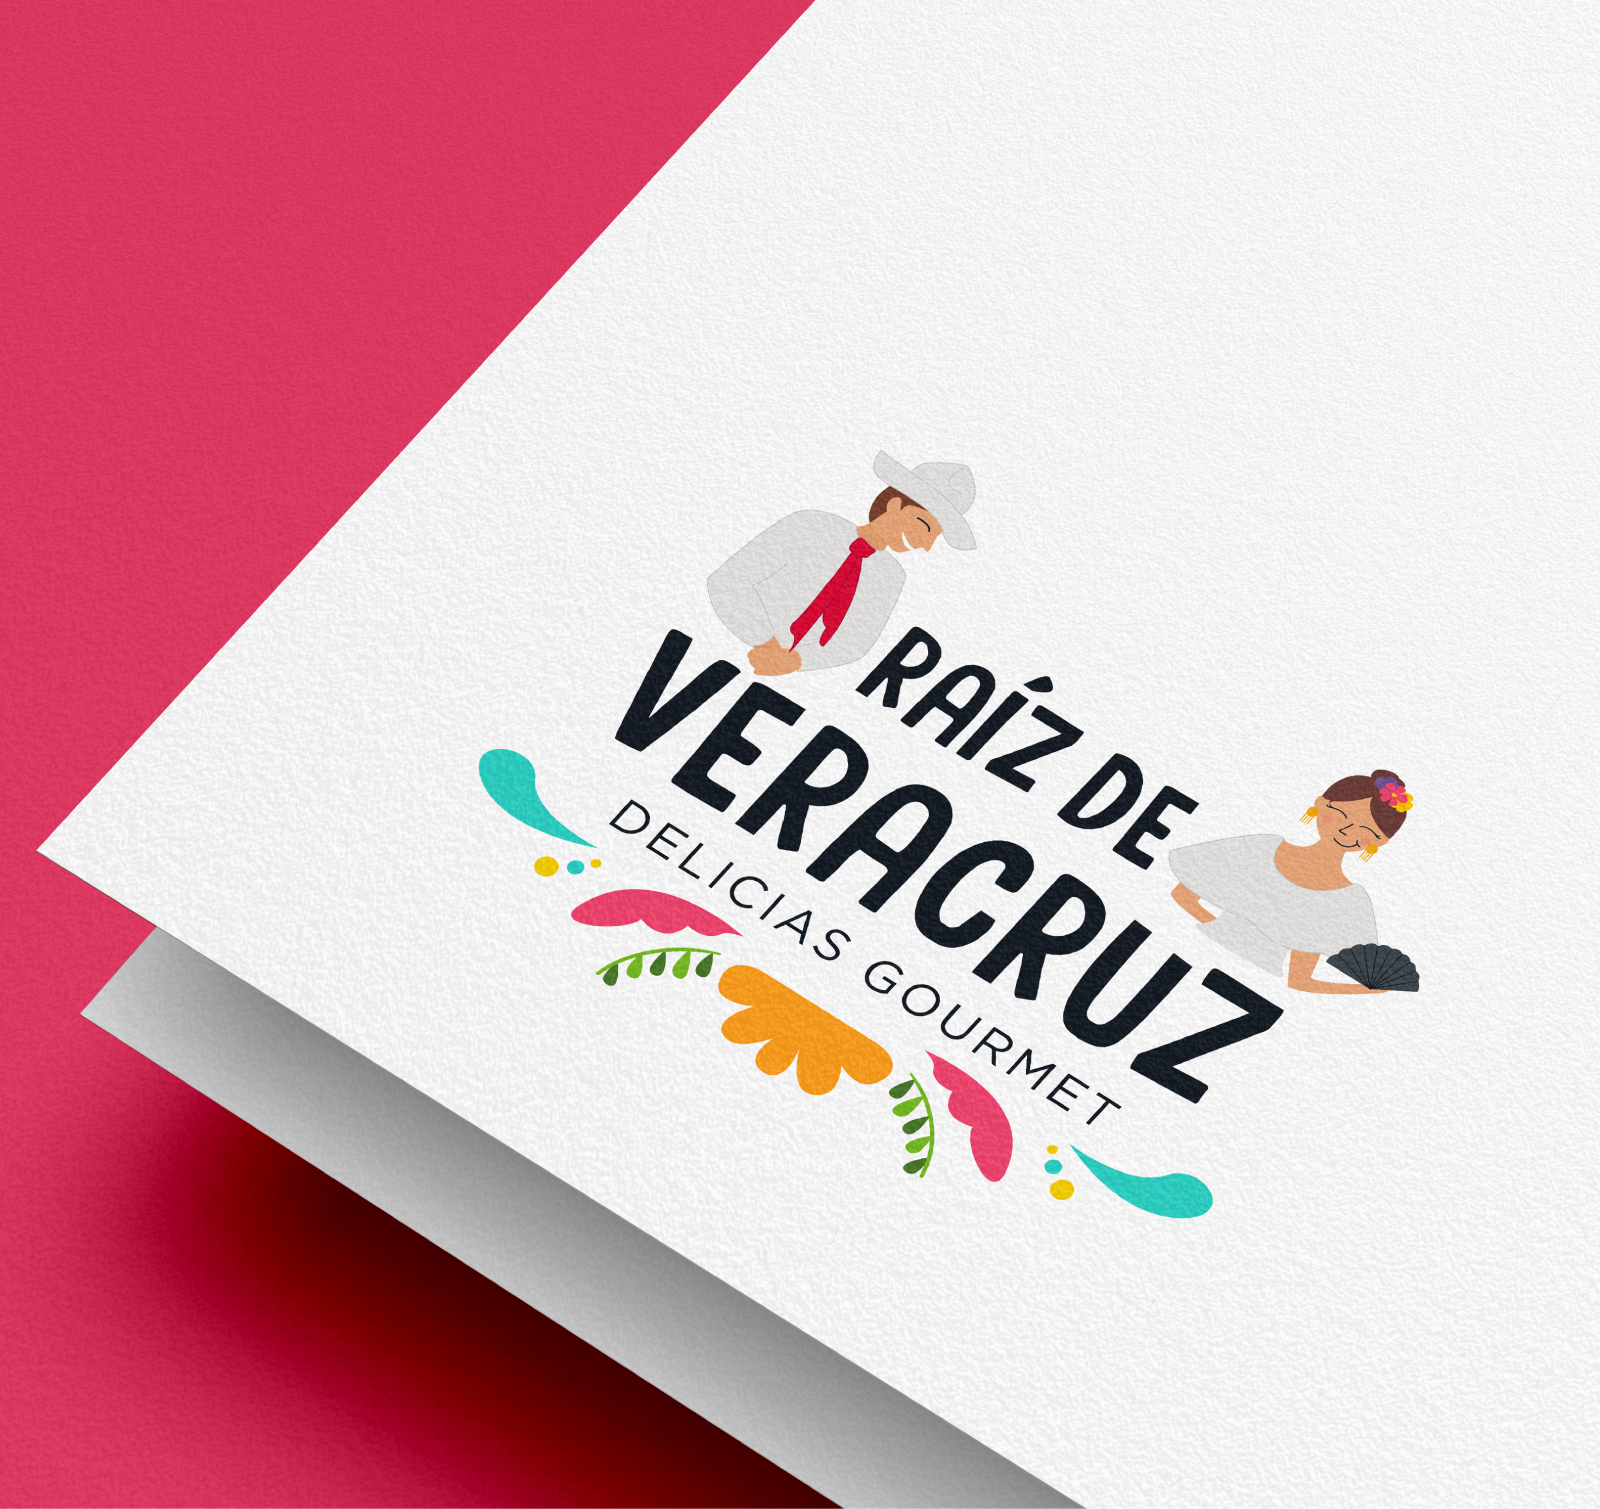 Identidad Corporativa Raíz de Veracruz